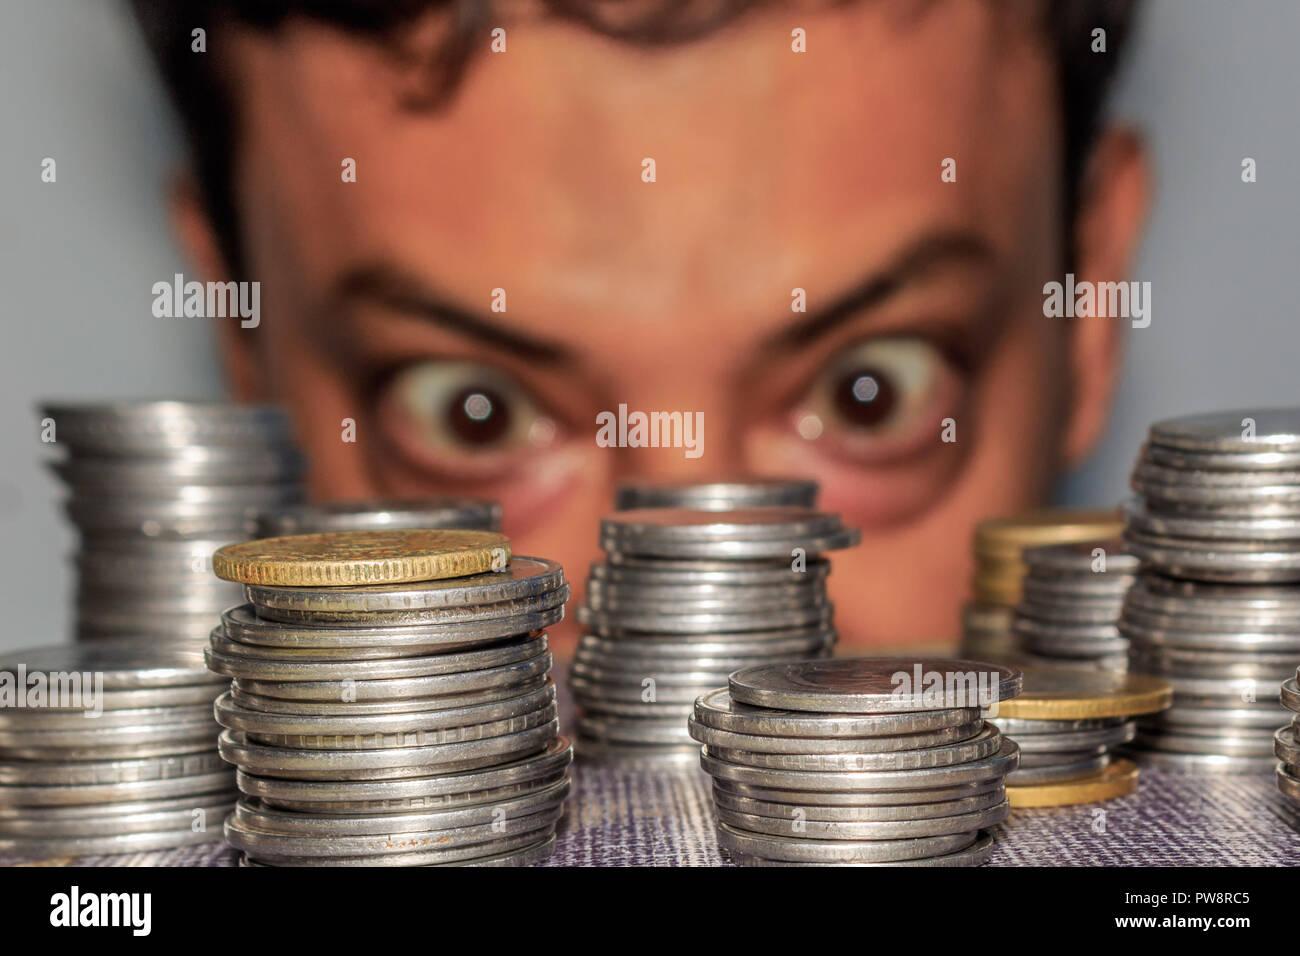 Fokus auf Münze. Ein reichhaltiges gierig älterer Mann schaut auf Münzen. Der Kollektor sieht seinen Reichtum. Ein älterer Mann in Metall Geld starrte auf den Boden. Stockbild